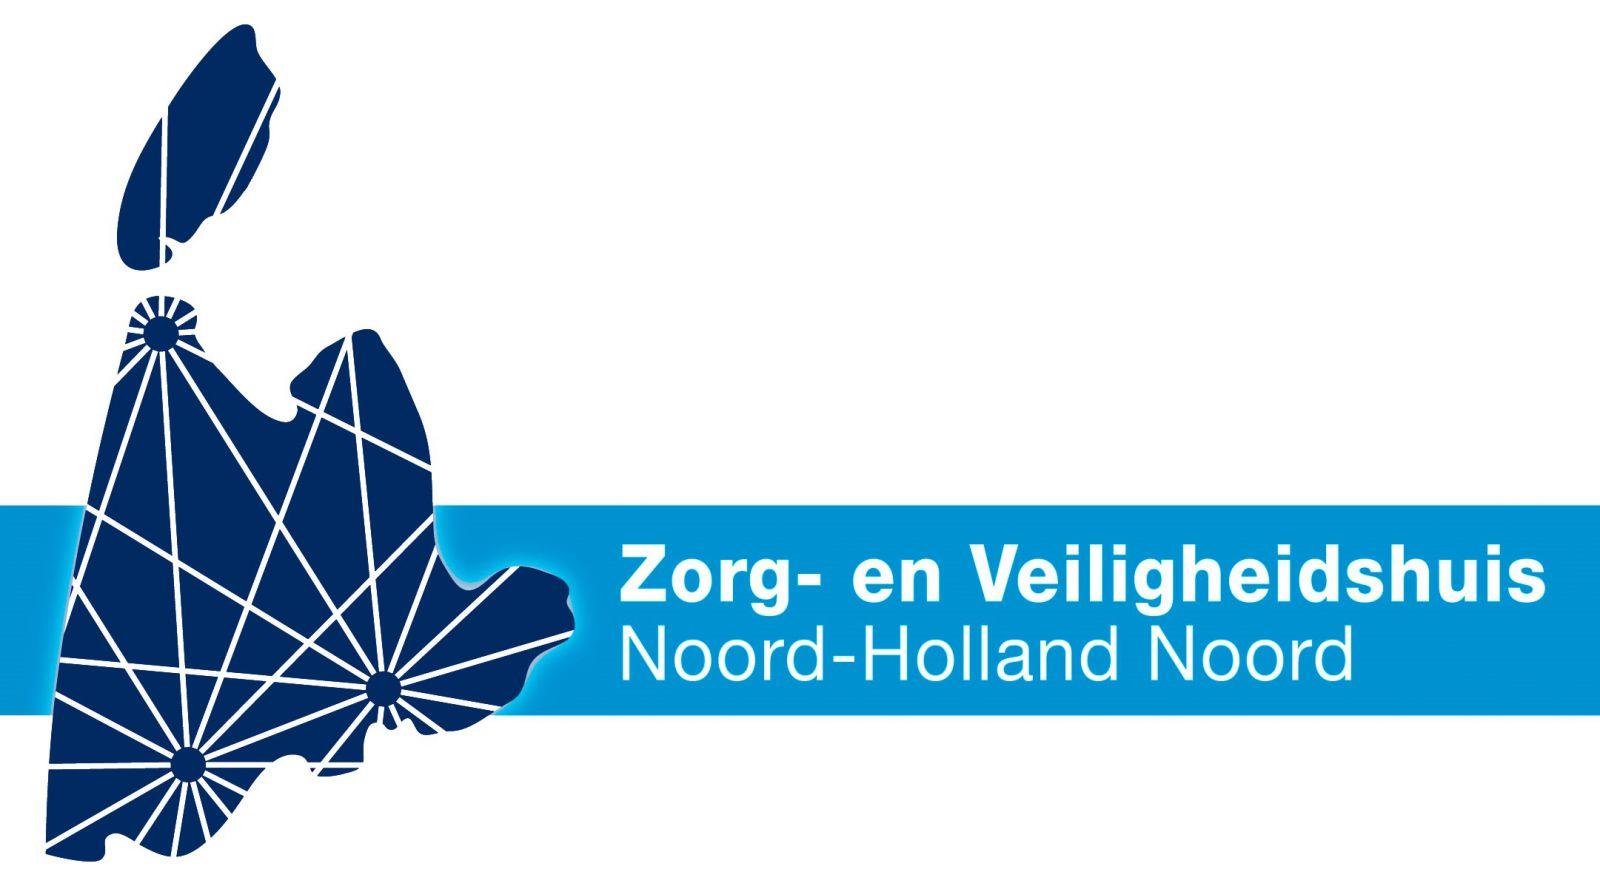 Op uitnodiging heeft criminoloog Jeroen van den Broek een presentatie verzorgd over online straatcultuur, op 10 november 2020.